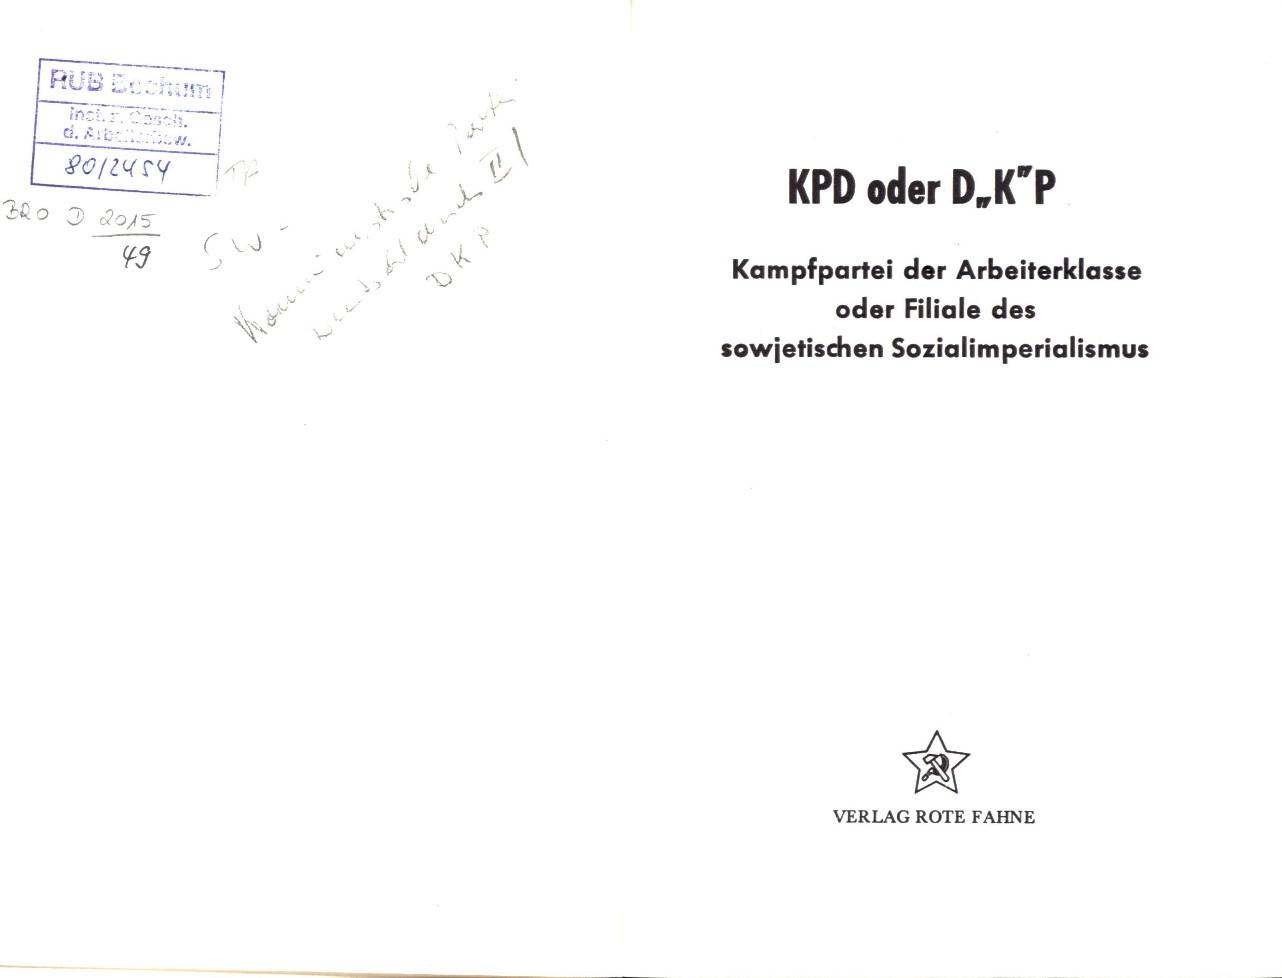 KPDAO_1976_KPD_oder_DKP_03